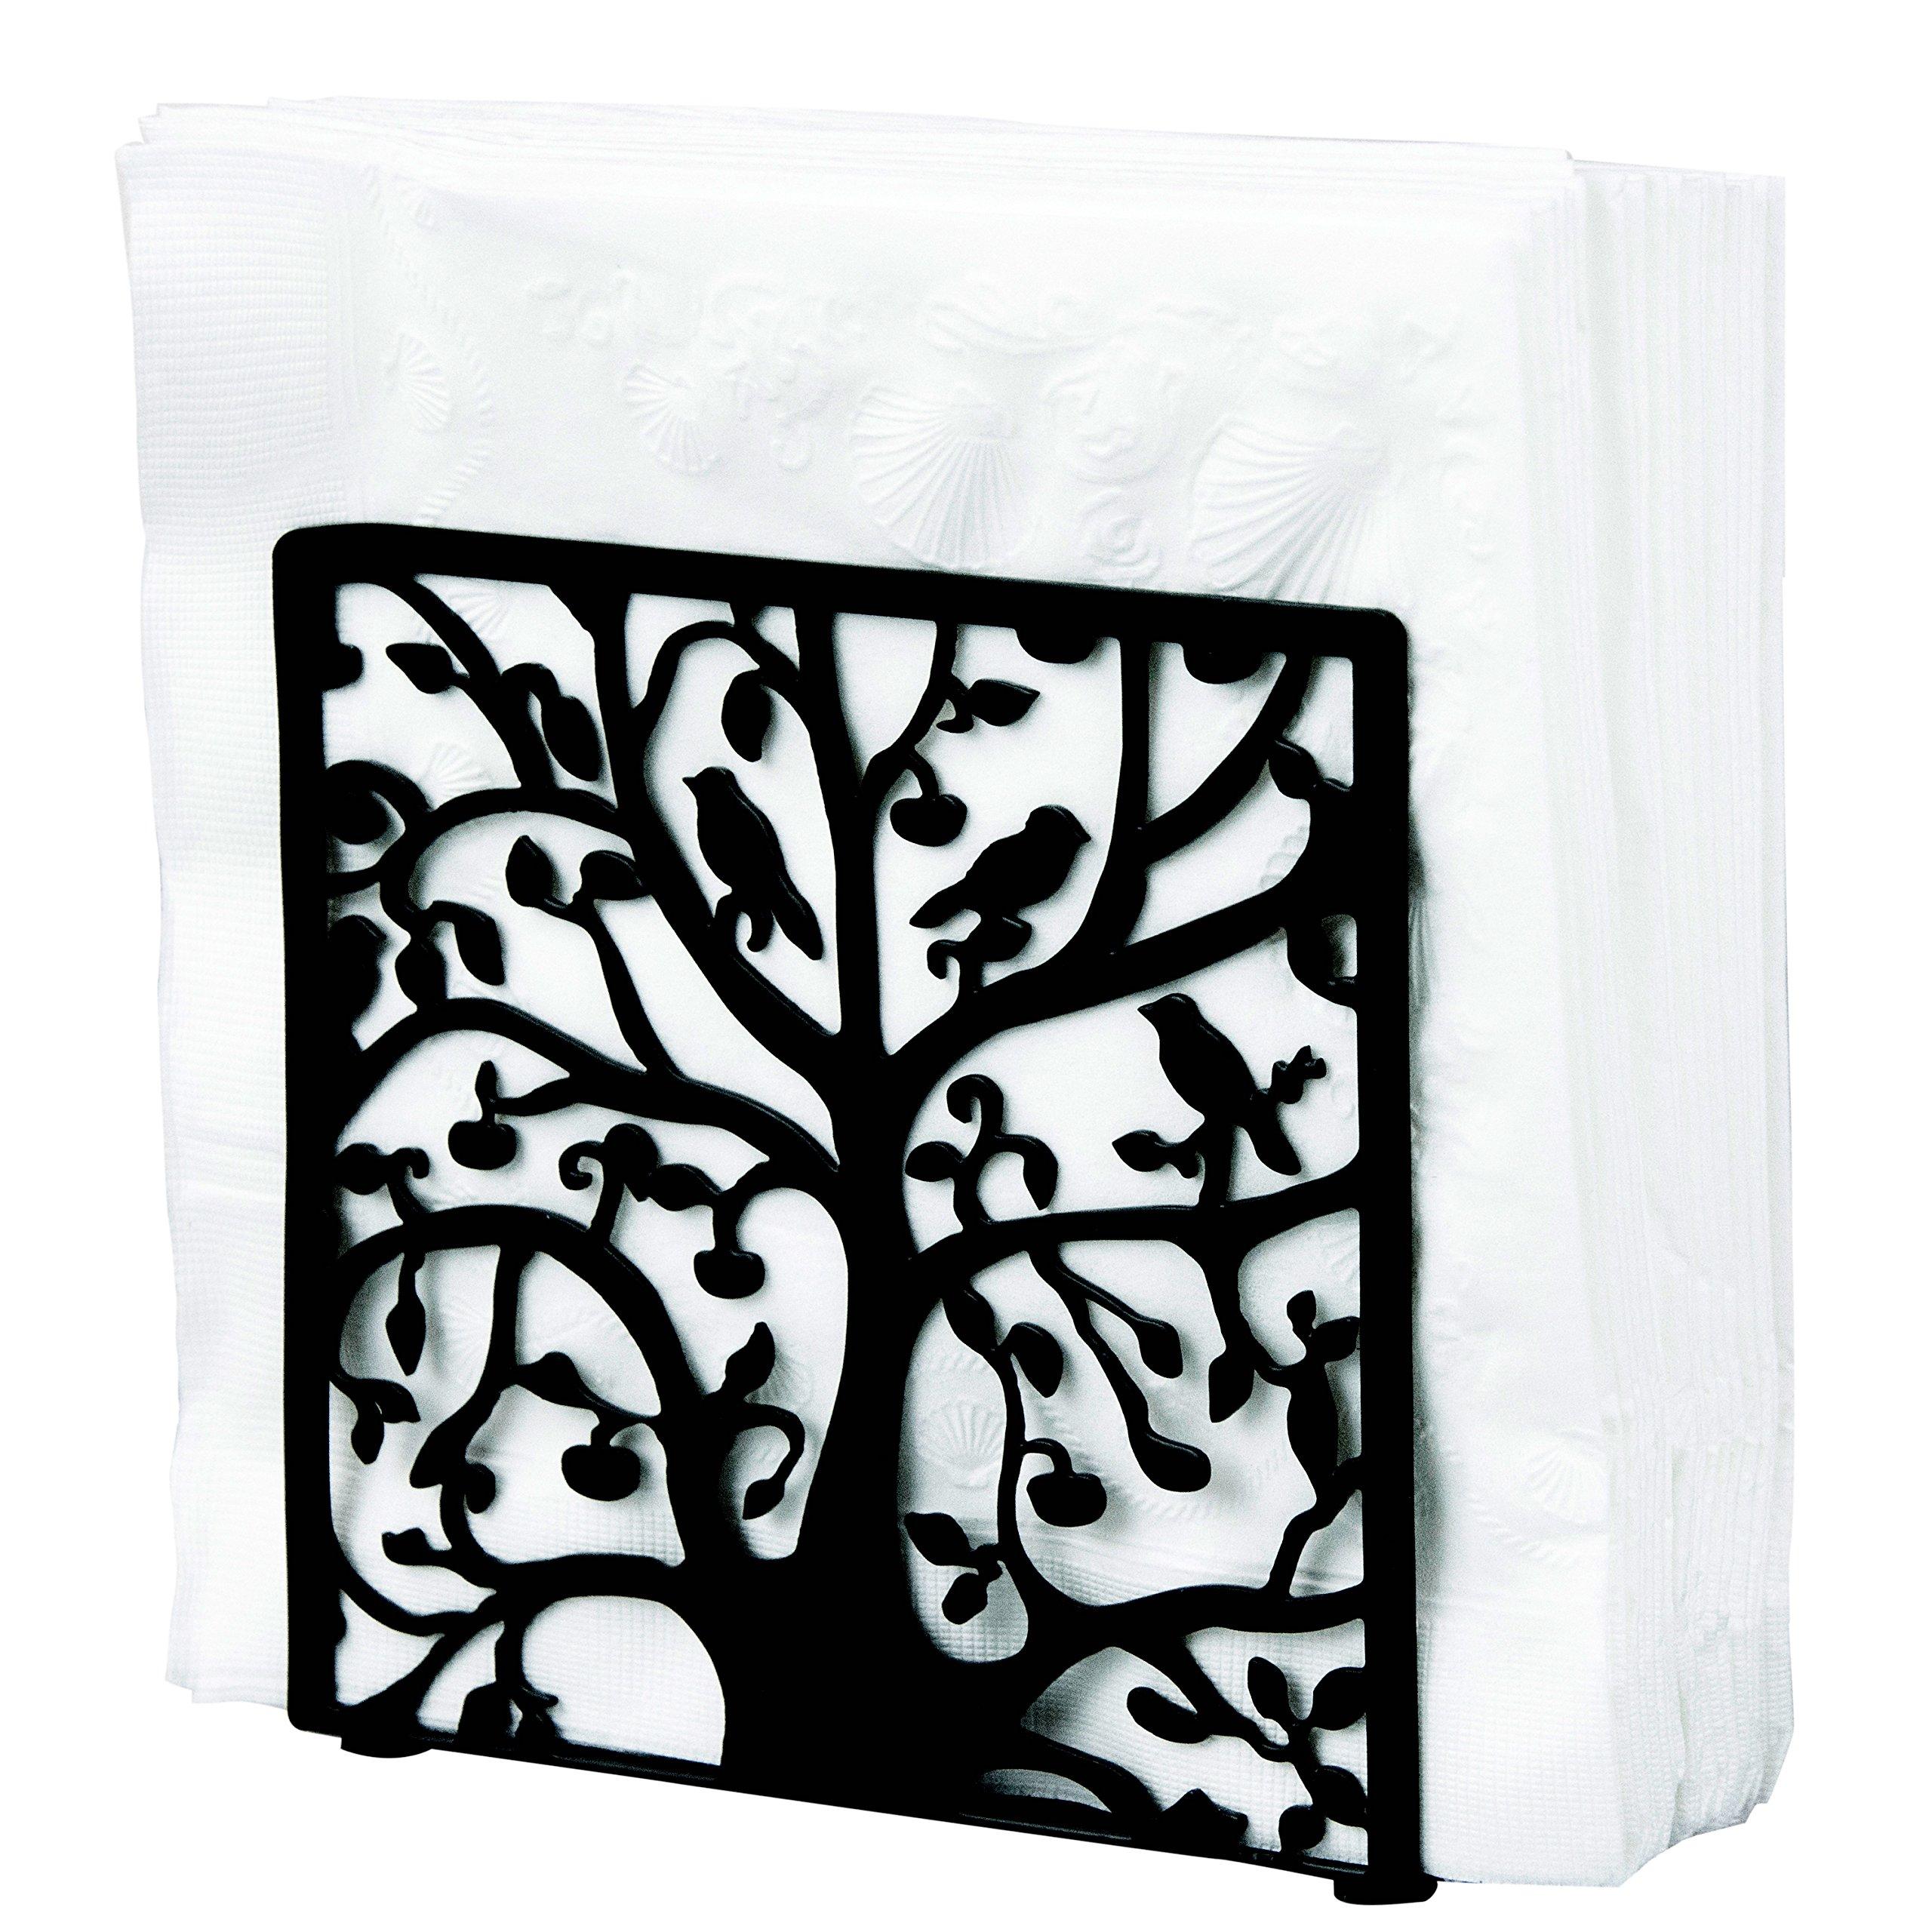 Black Metal Tree & Bird Design Tabletop Napkin Holder/Freestanding Tissue Dispenser by MyGift